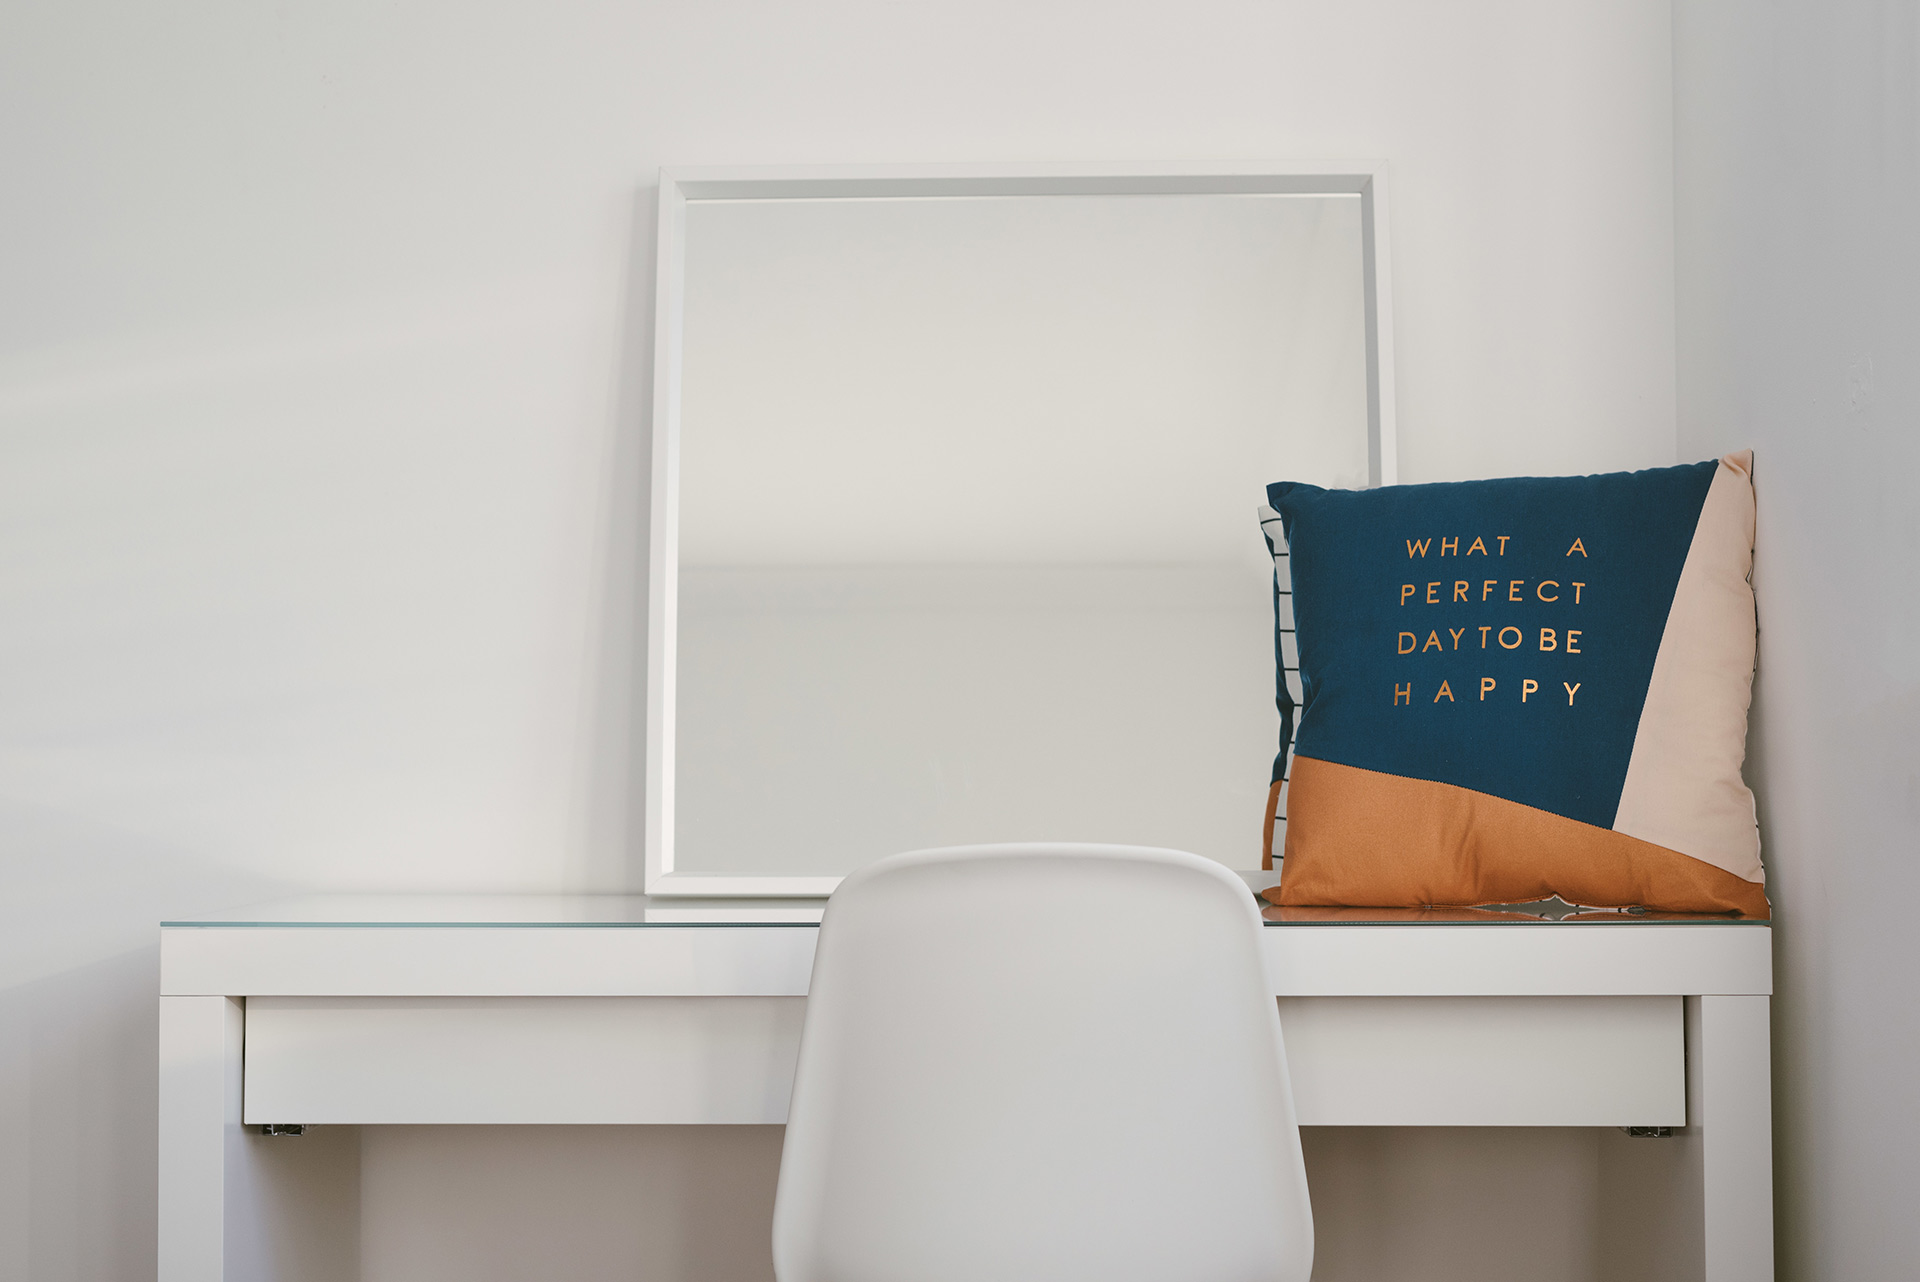 ramka w minimalistycznym stylu